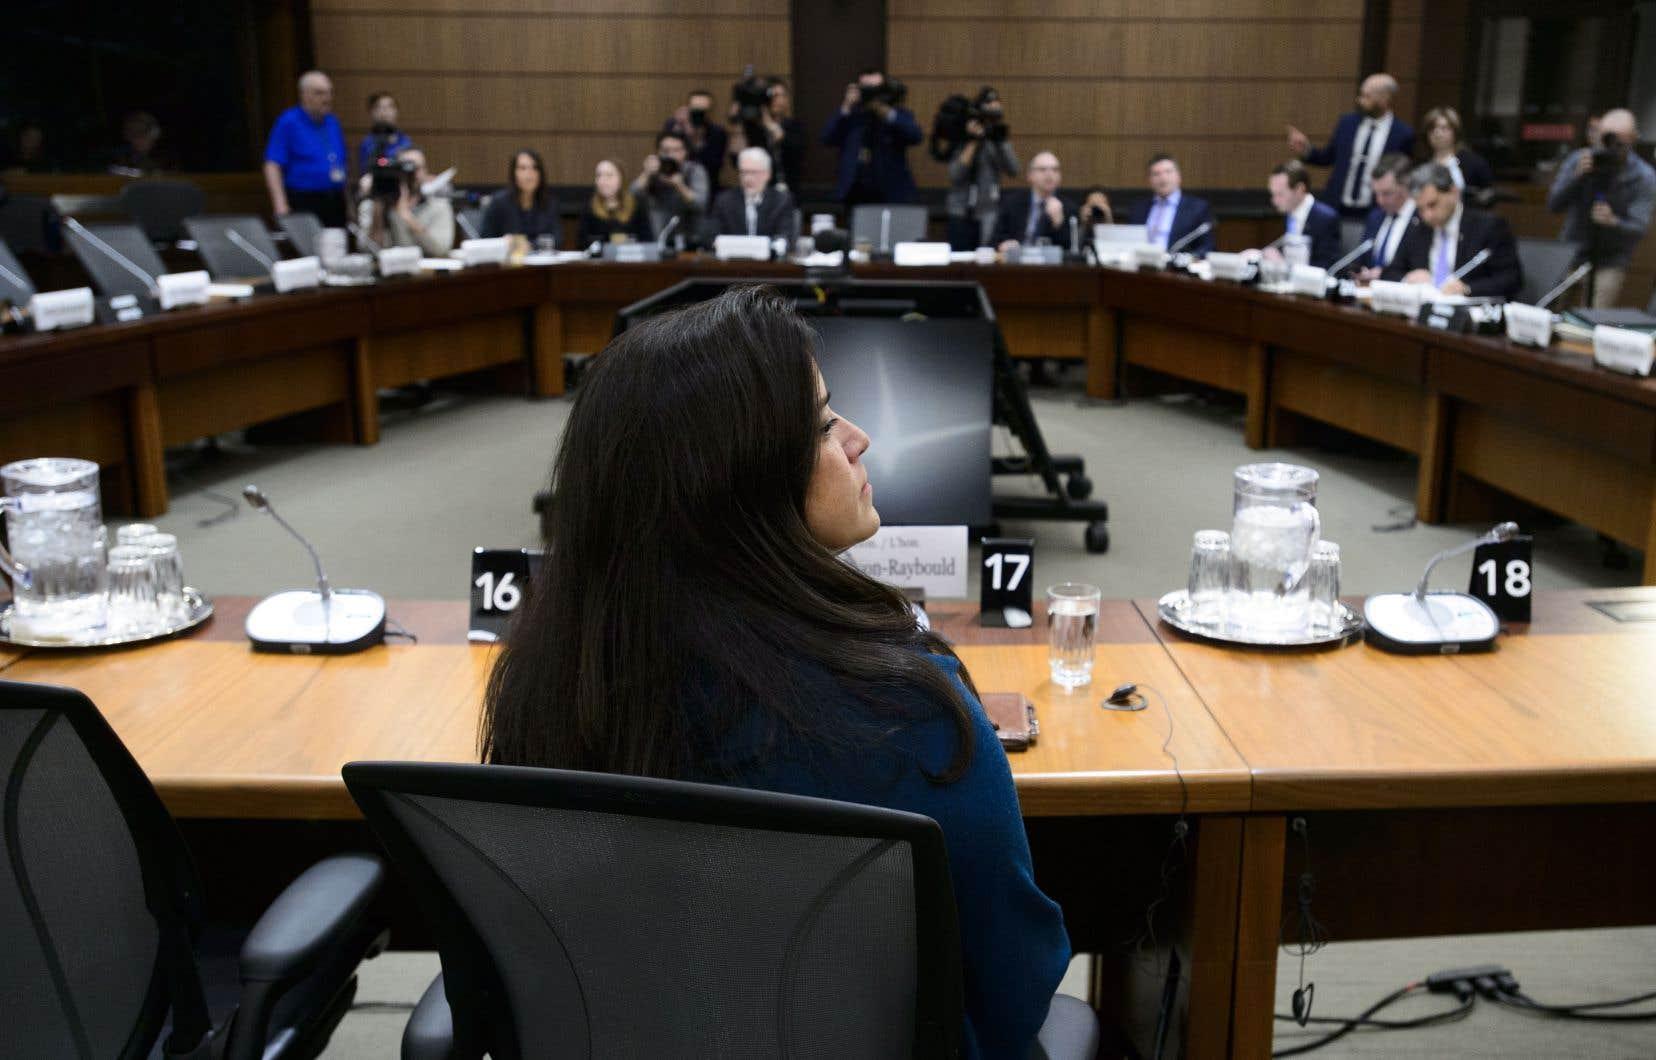 La sortie explosive de MmeWilson-Raybould cette semaine à Ottawa a permis de faire d'une question nichée un enjeu politique concret.